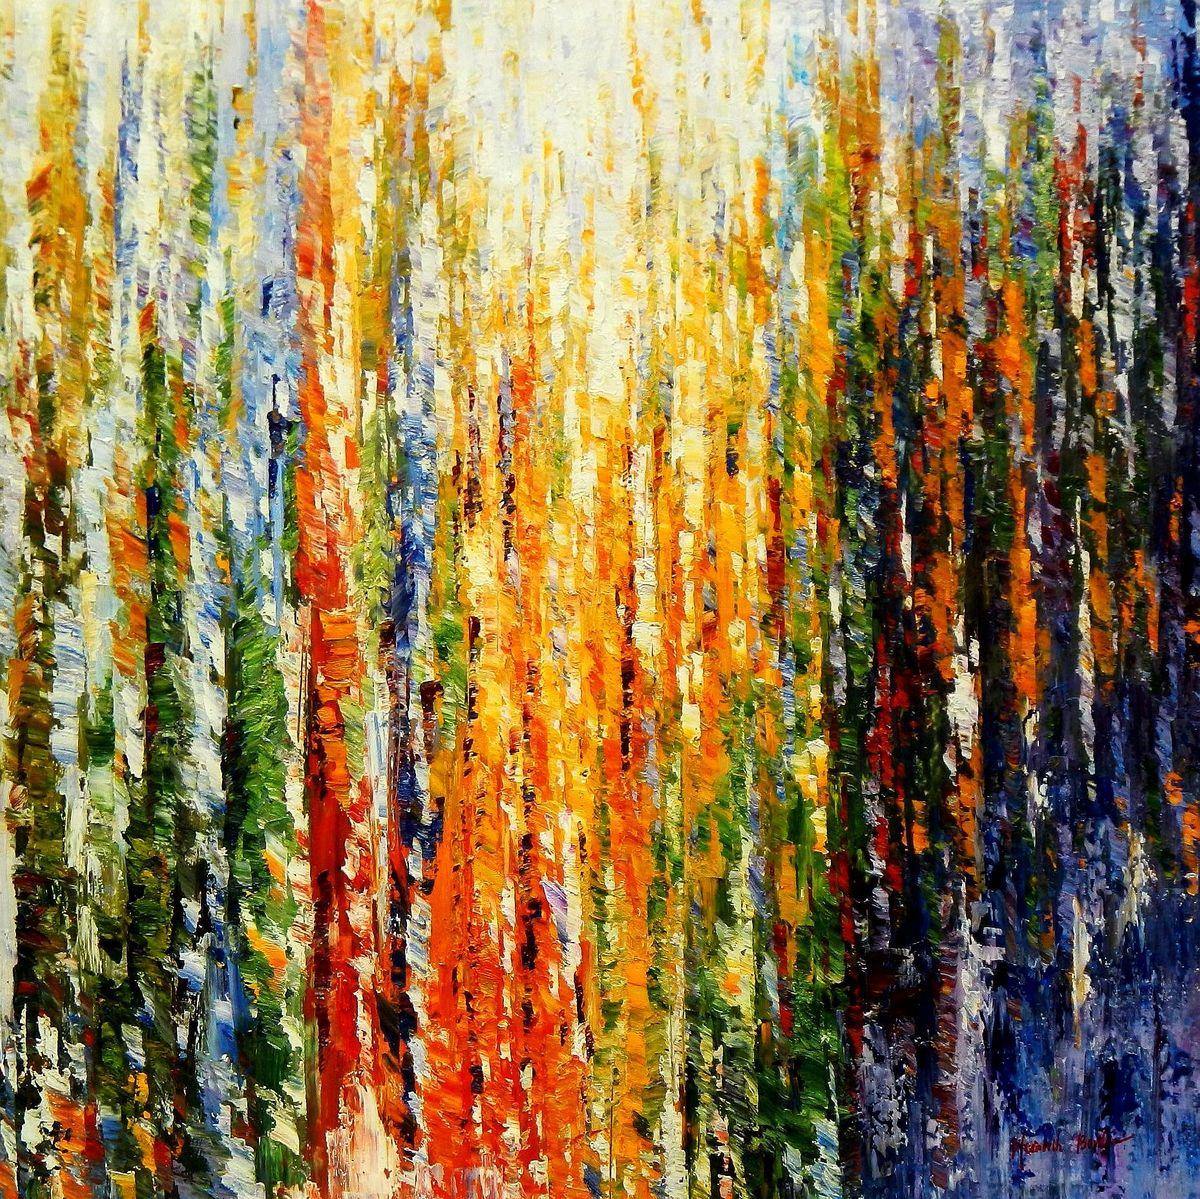 Abstrakt - Durch den Monsun m94474 120x120cm exquisites Ölbild handgemalt